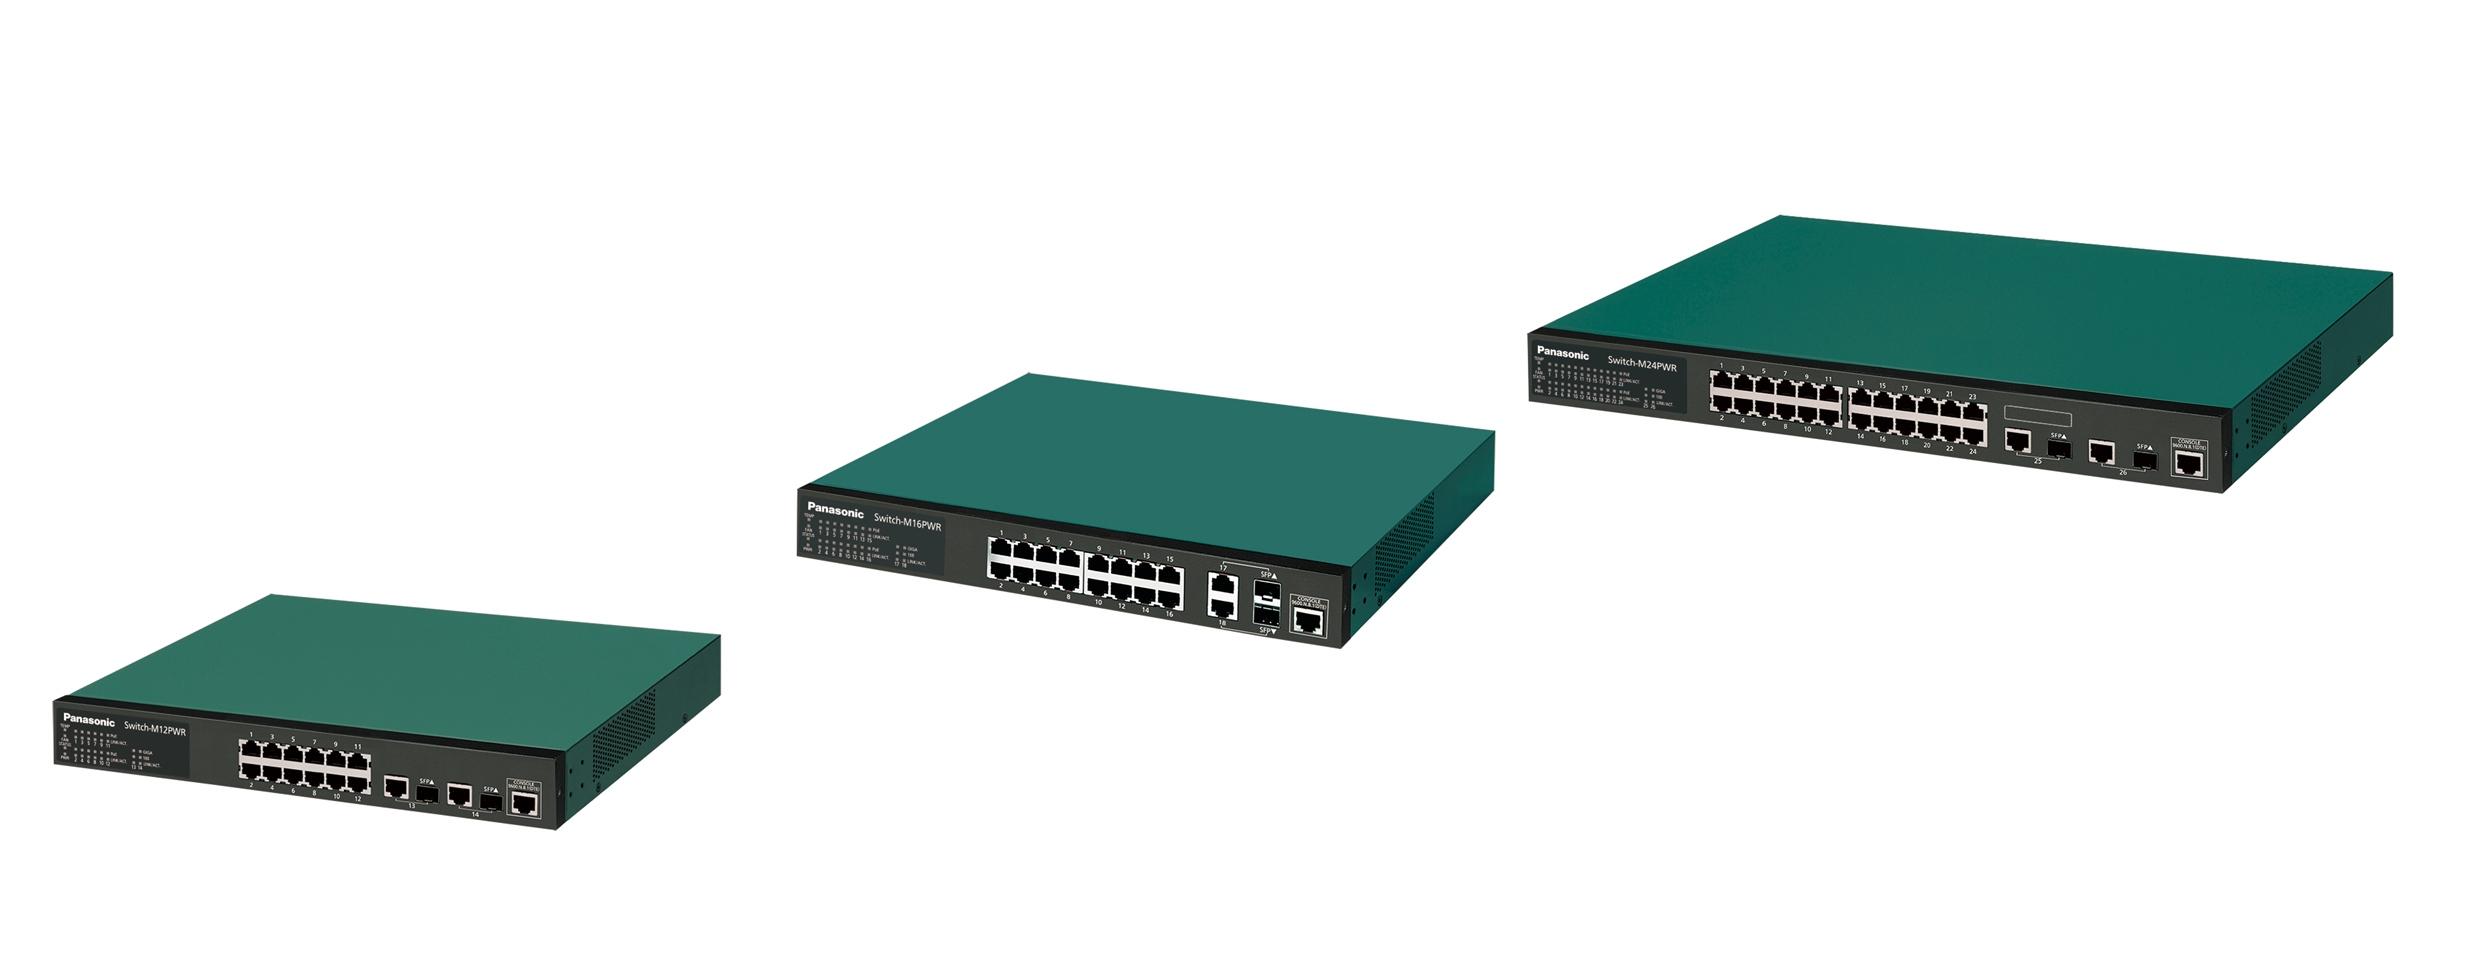 PoE対応スイッチングハブ「Switch-M24PWR」ほか全3機種をリニューアル発売